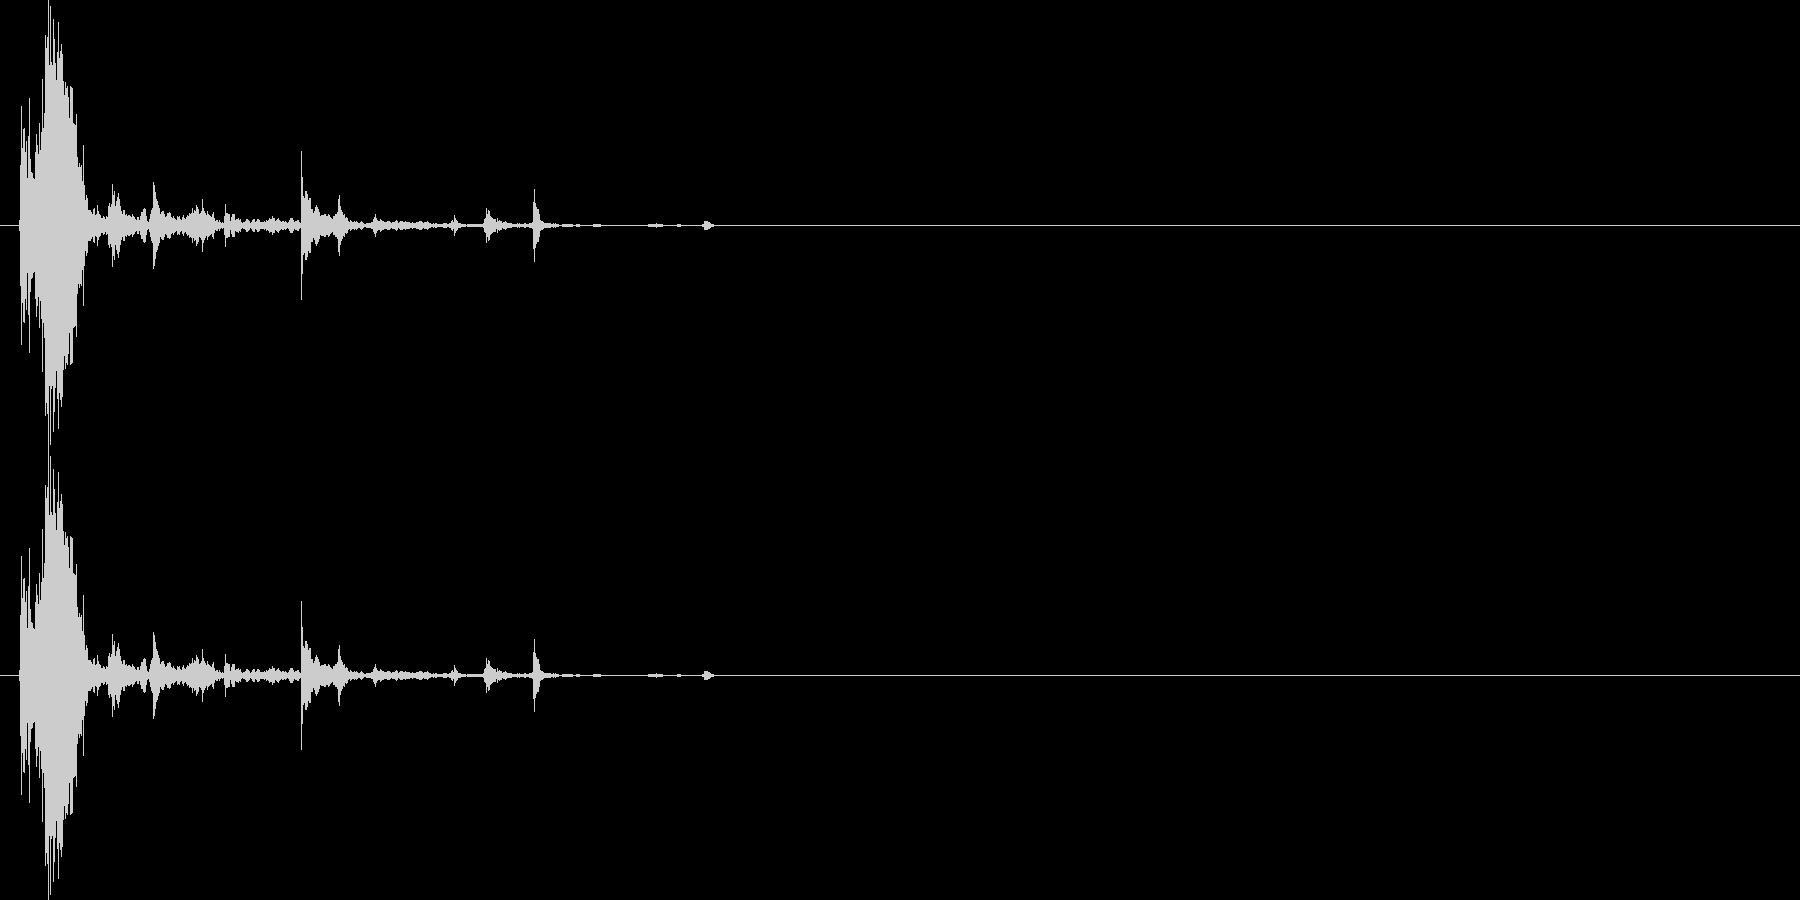 ガラス割れる音の未再生の波形